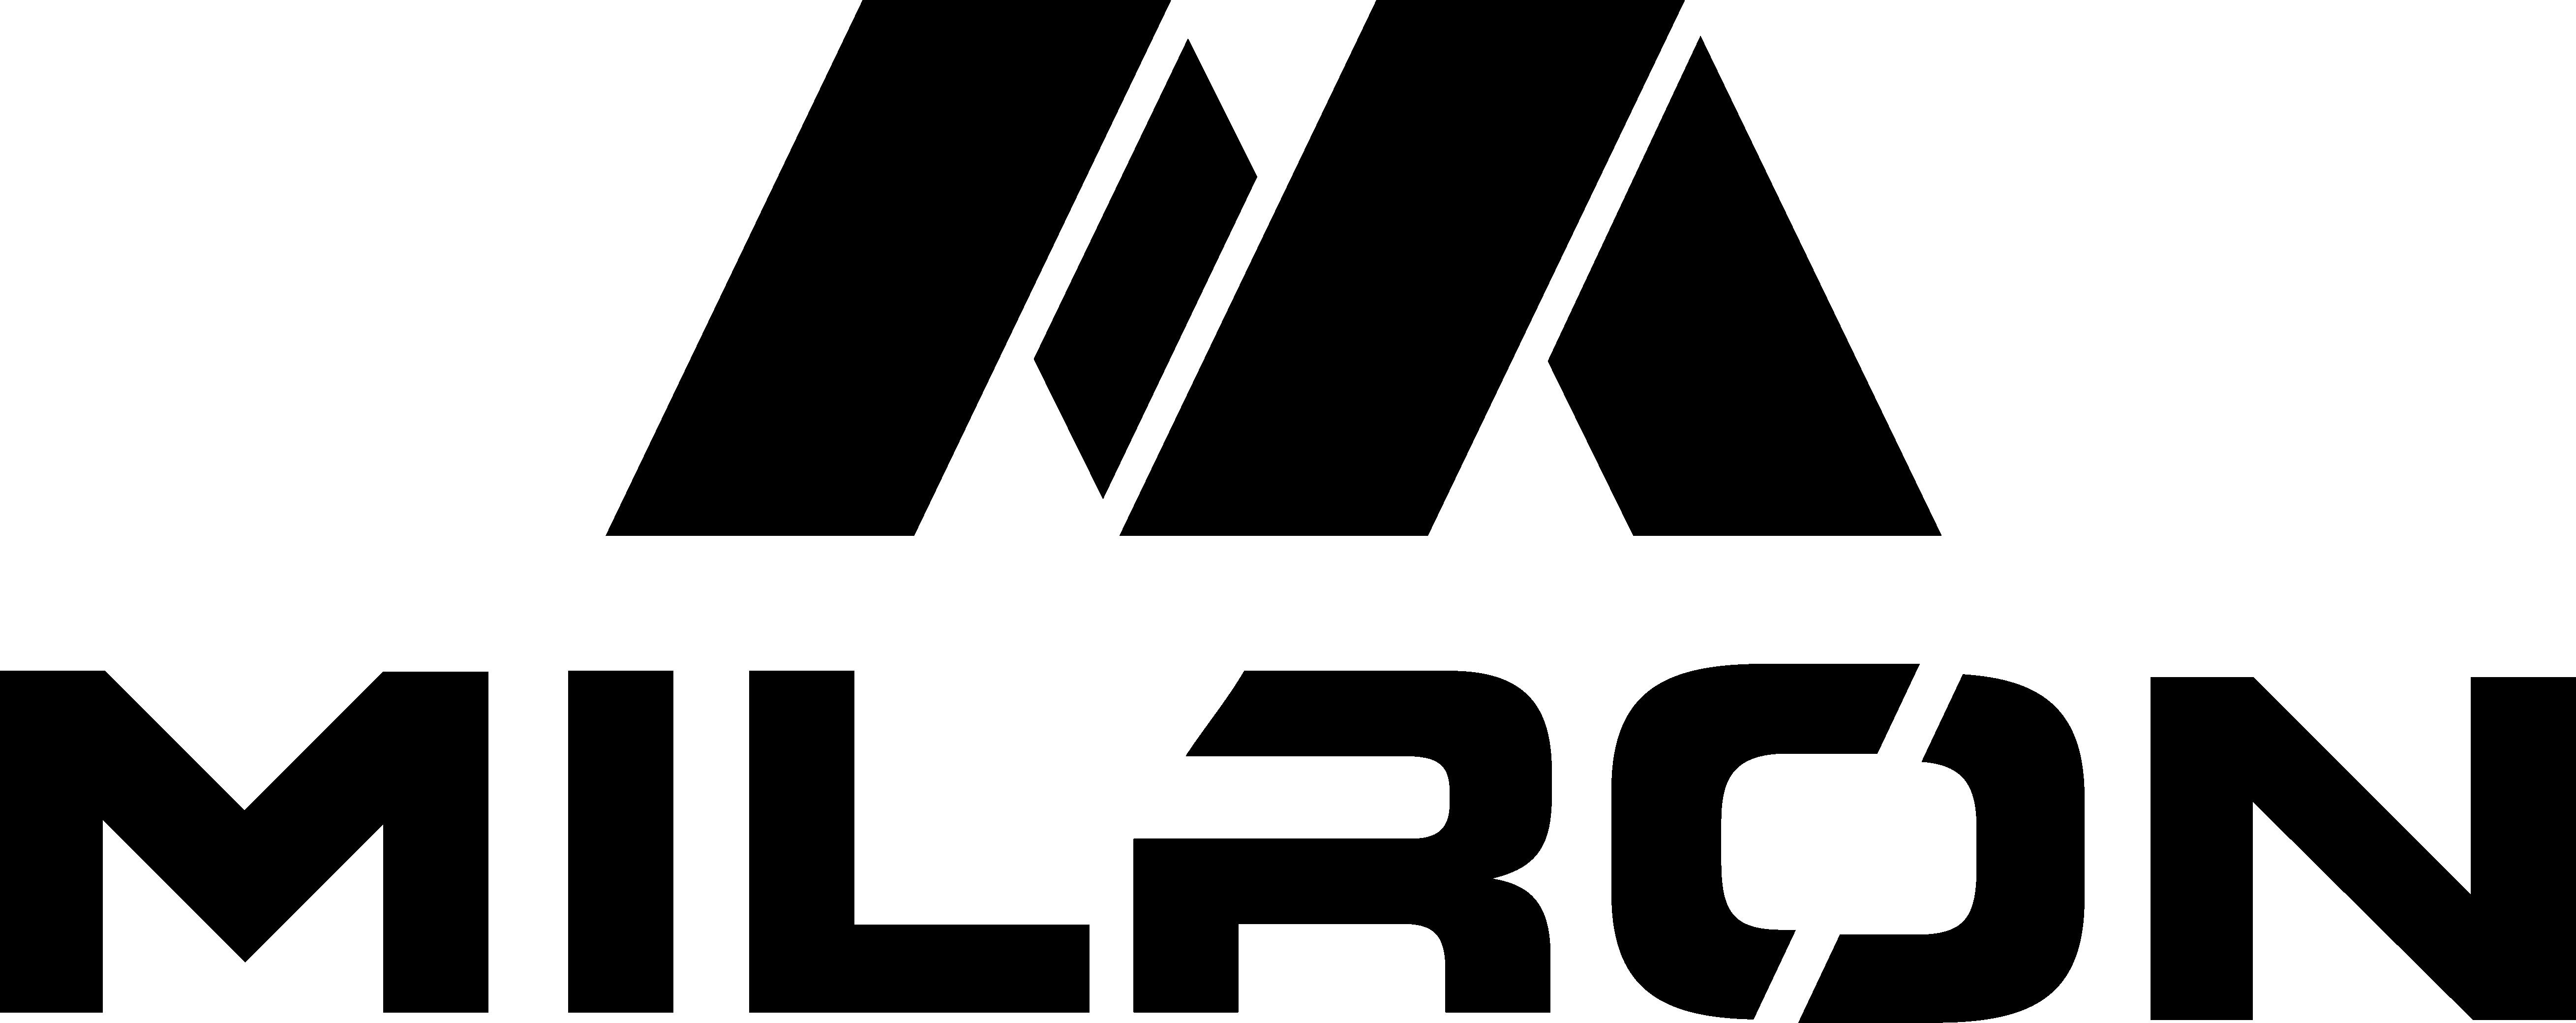 Milron logo